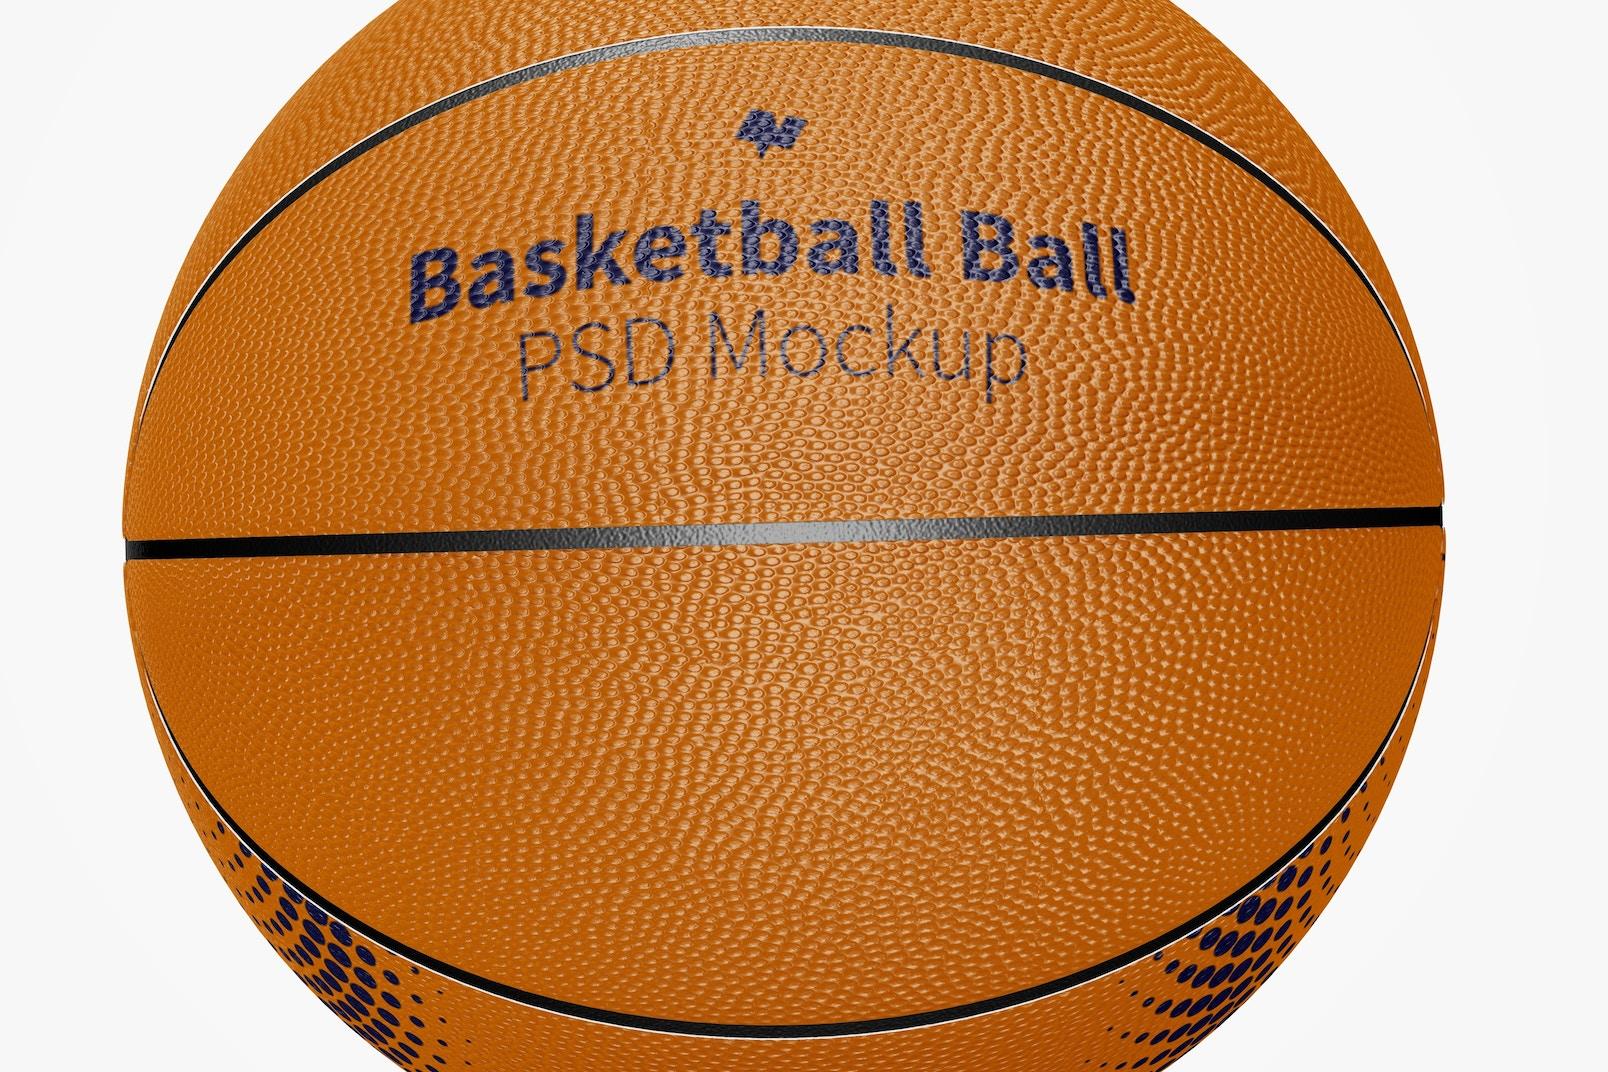 Basketball Balls Mockup, Close Up